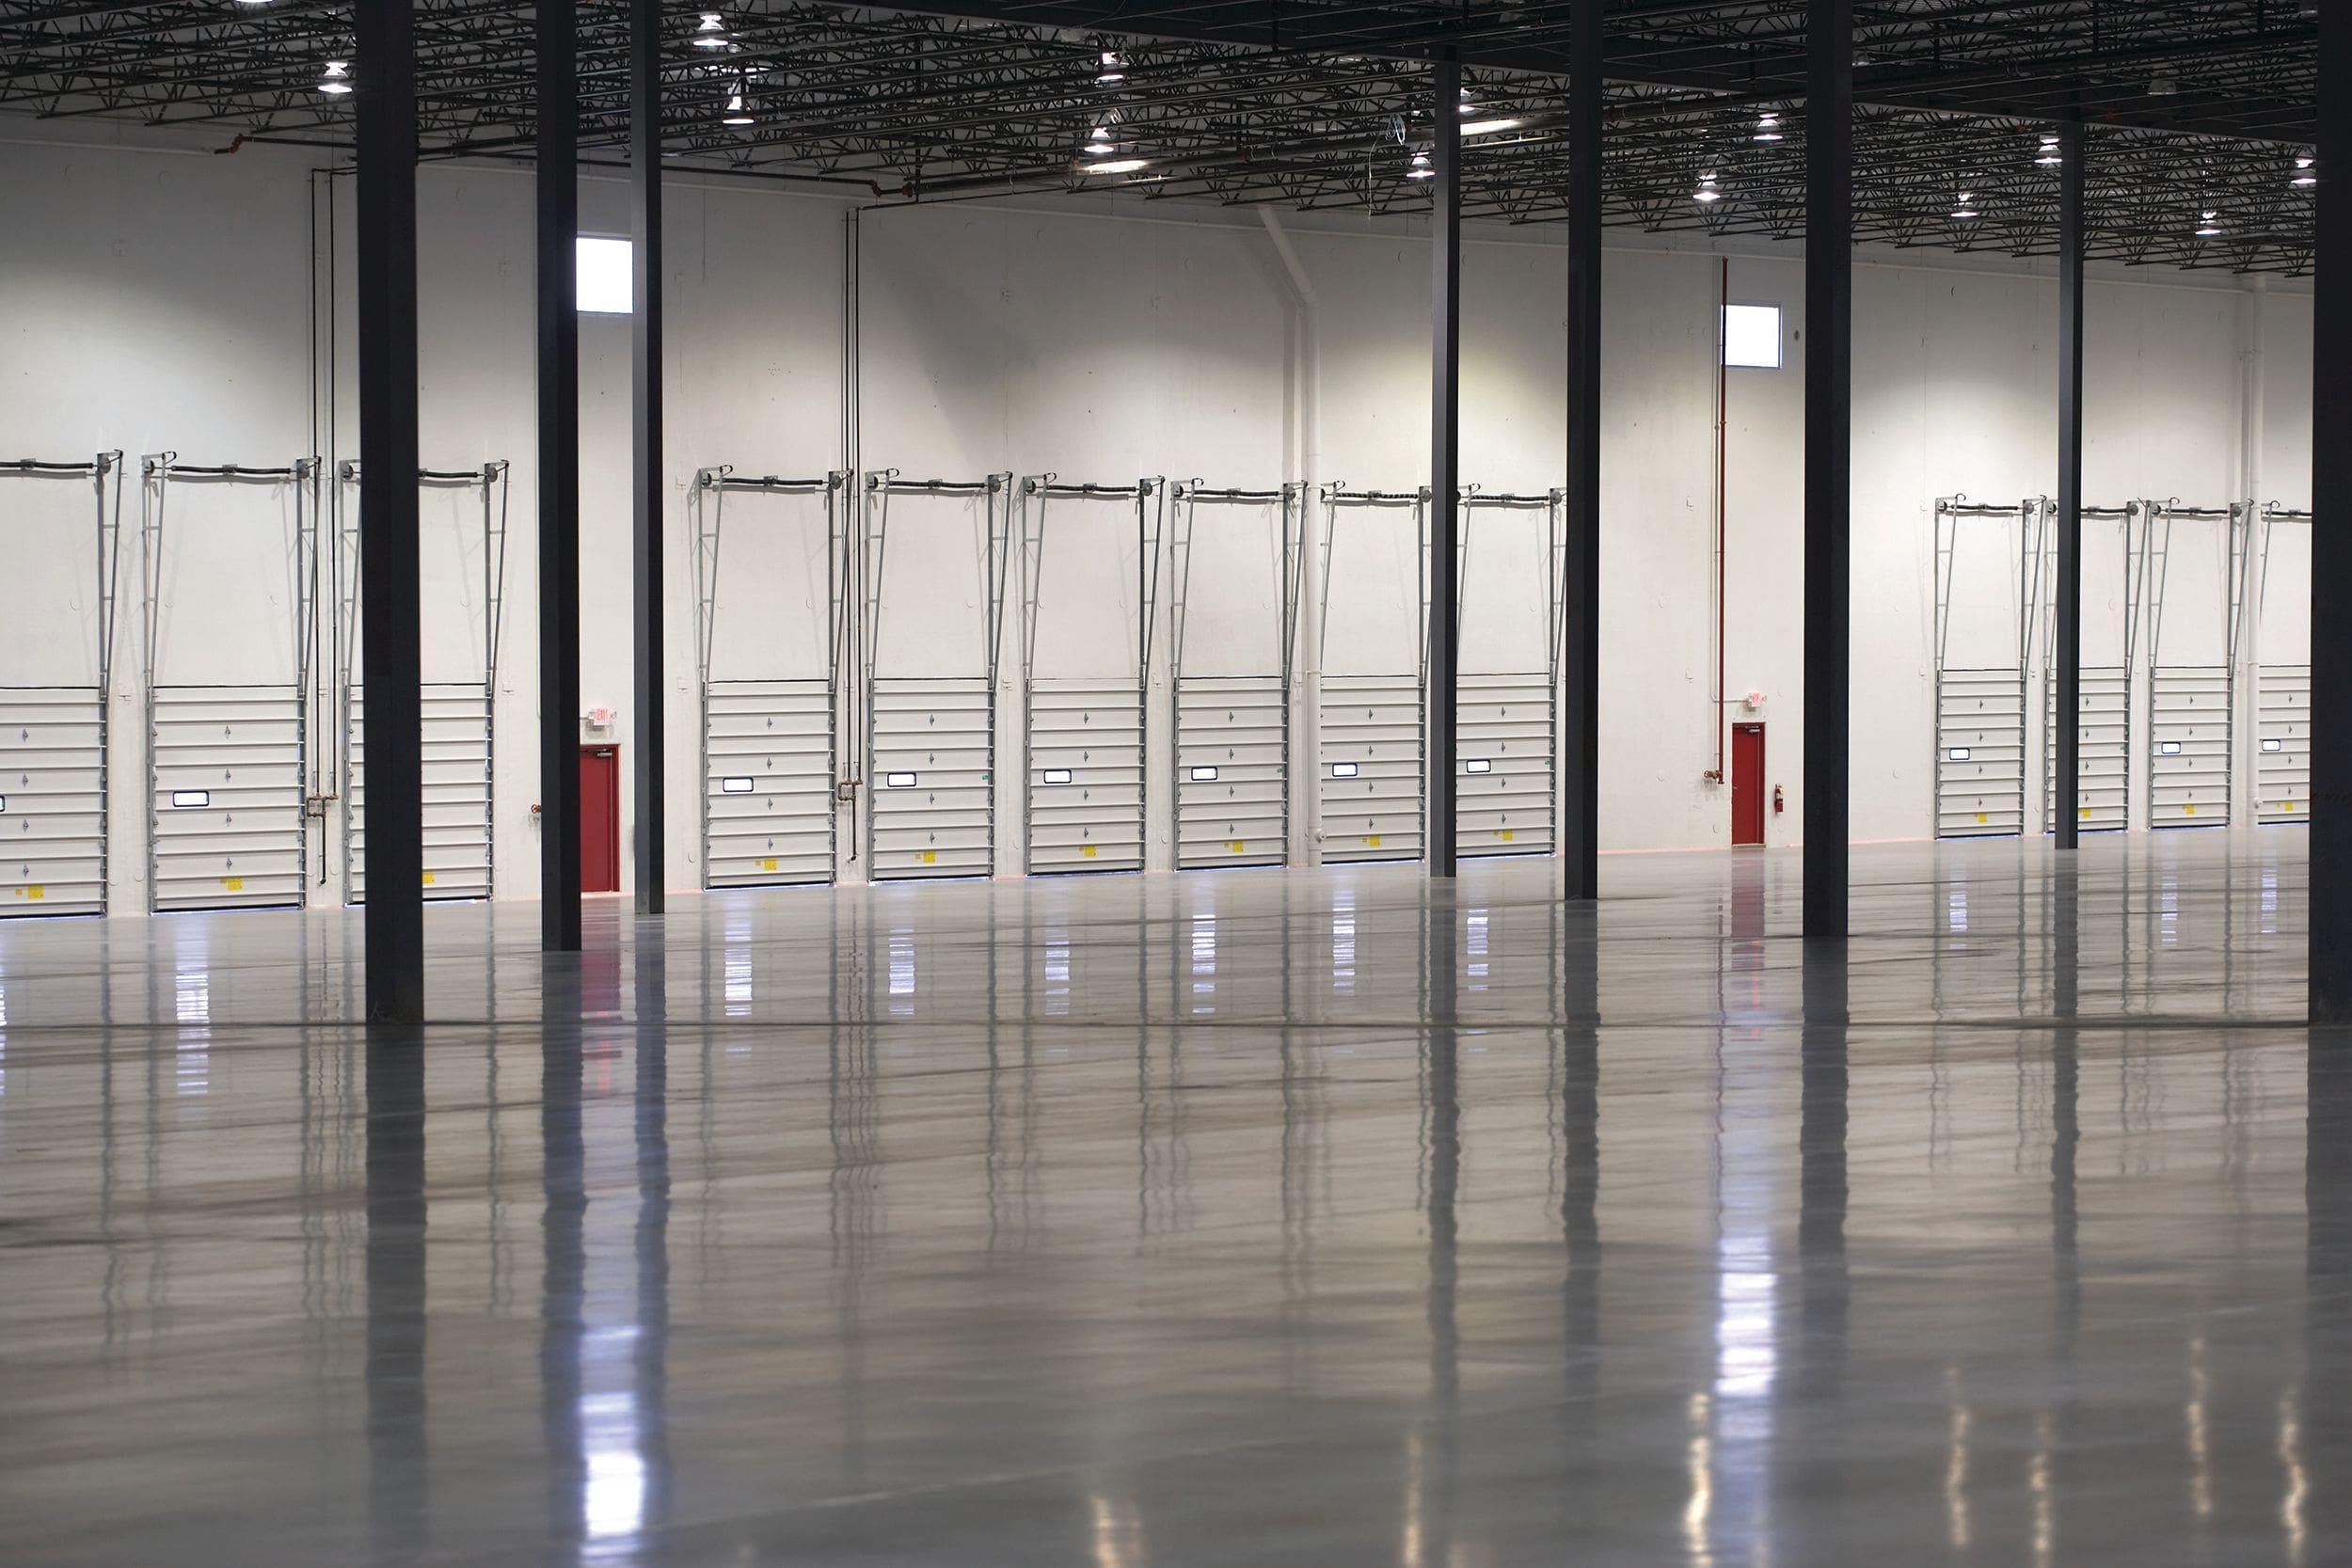 long-row-of-doors-min.jpeg?mtime=20210326130033#asset:22973